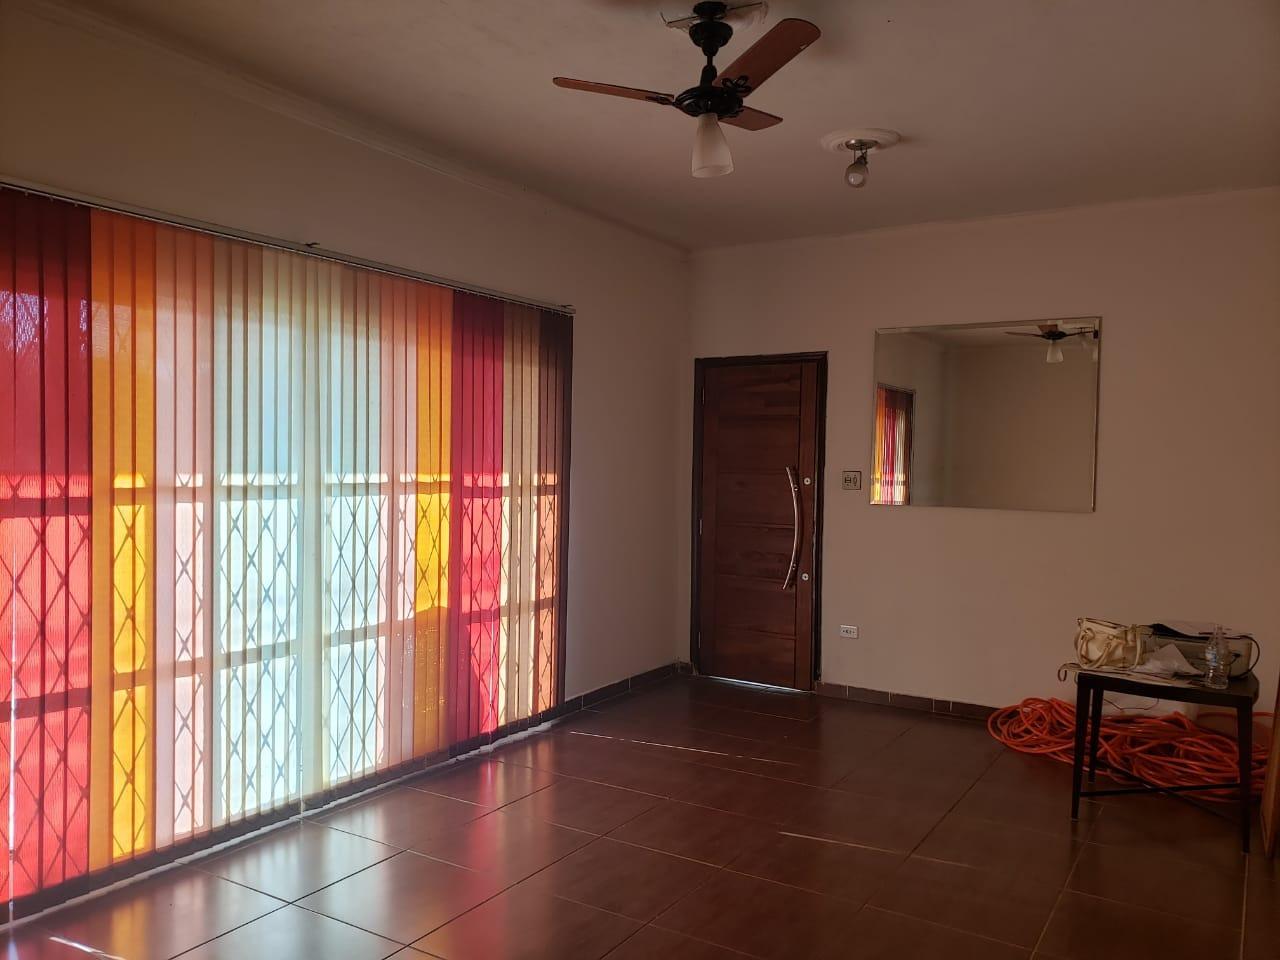 Casa para comprar, 2 quartos, 4 vagas, no bairro Paulista em Piracicaba - SP